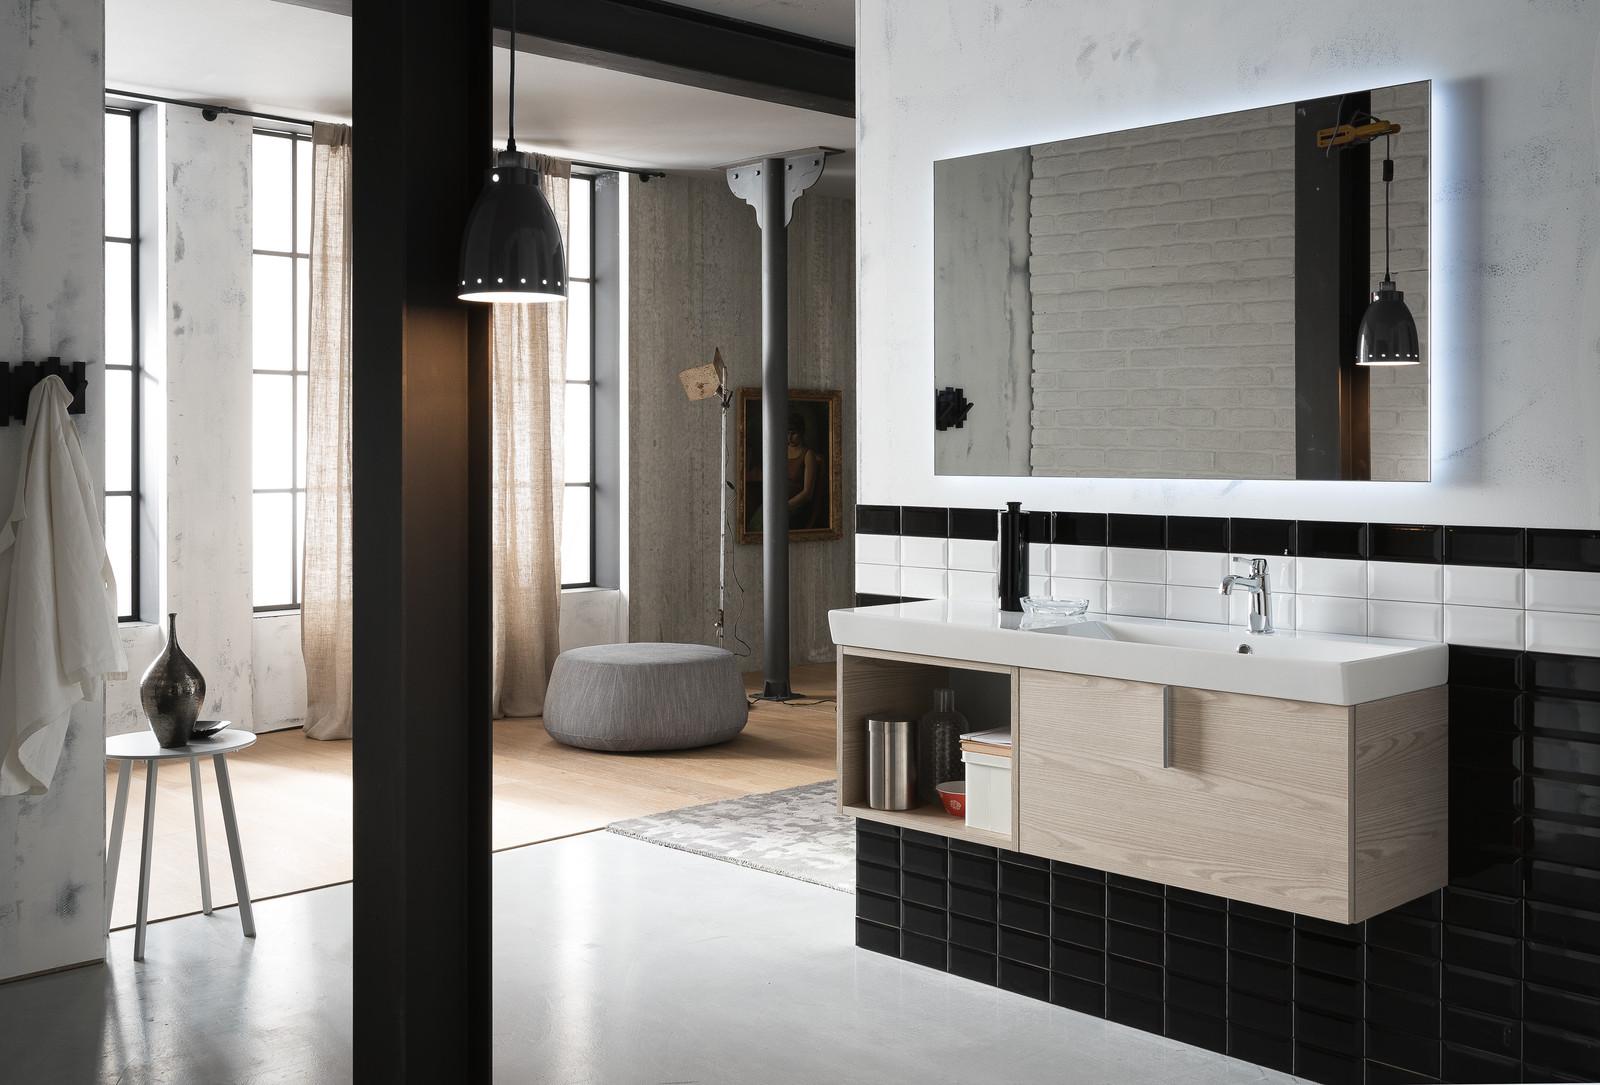 Ristrutturazione e arredamento bagno | Milano Bergamo | Arredo bagno